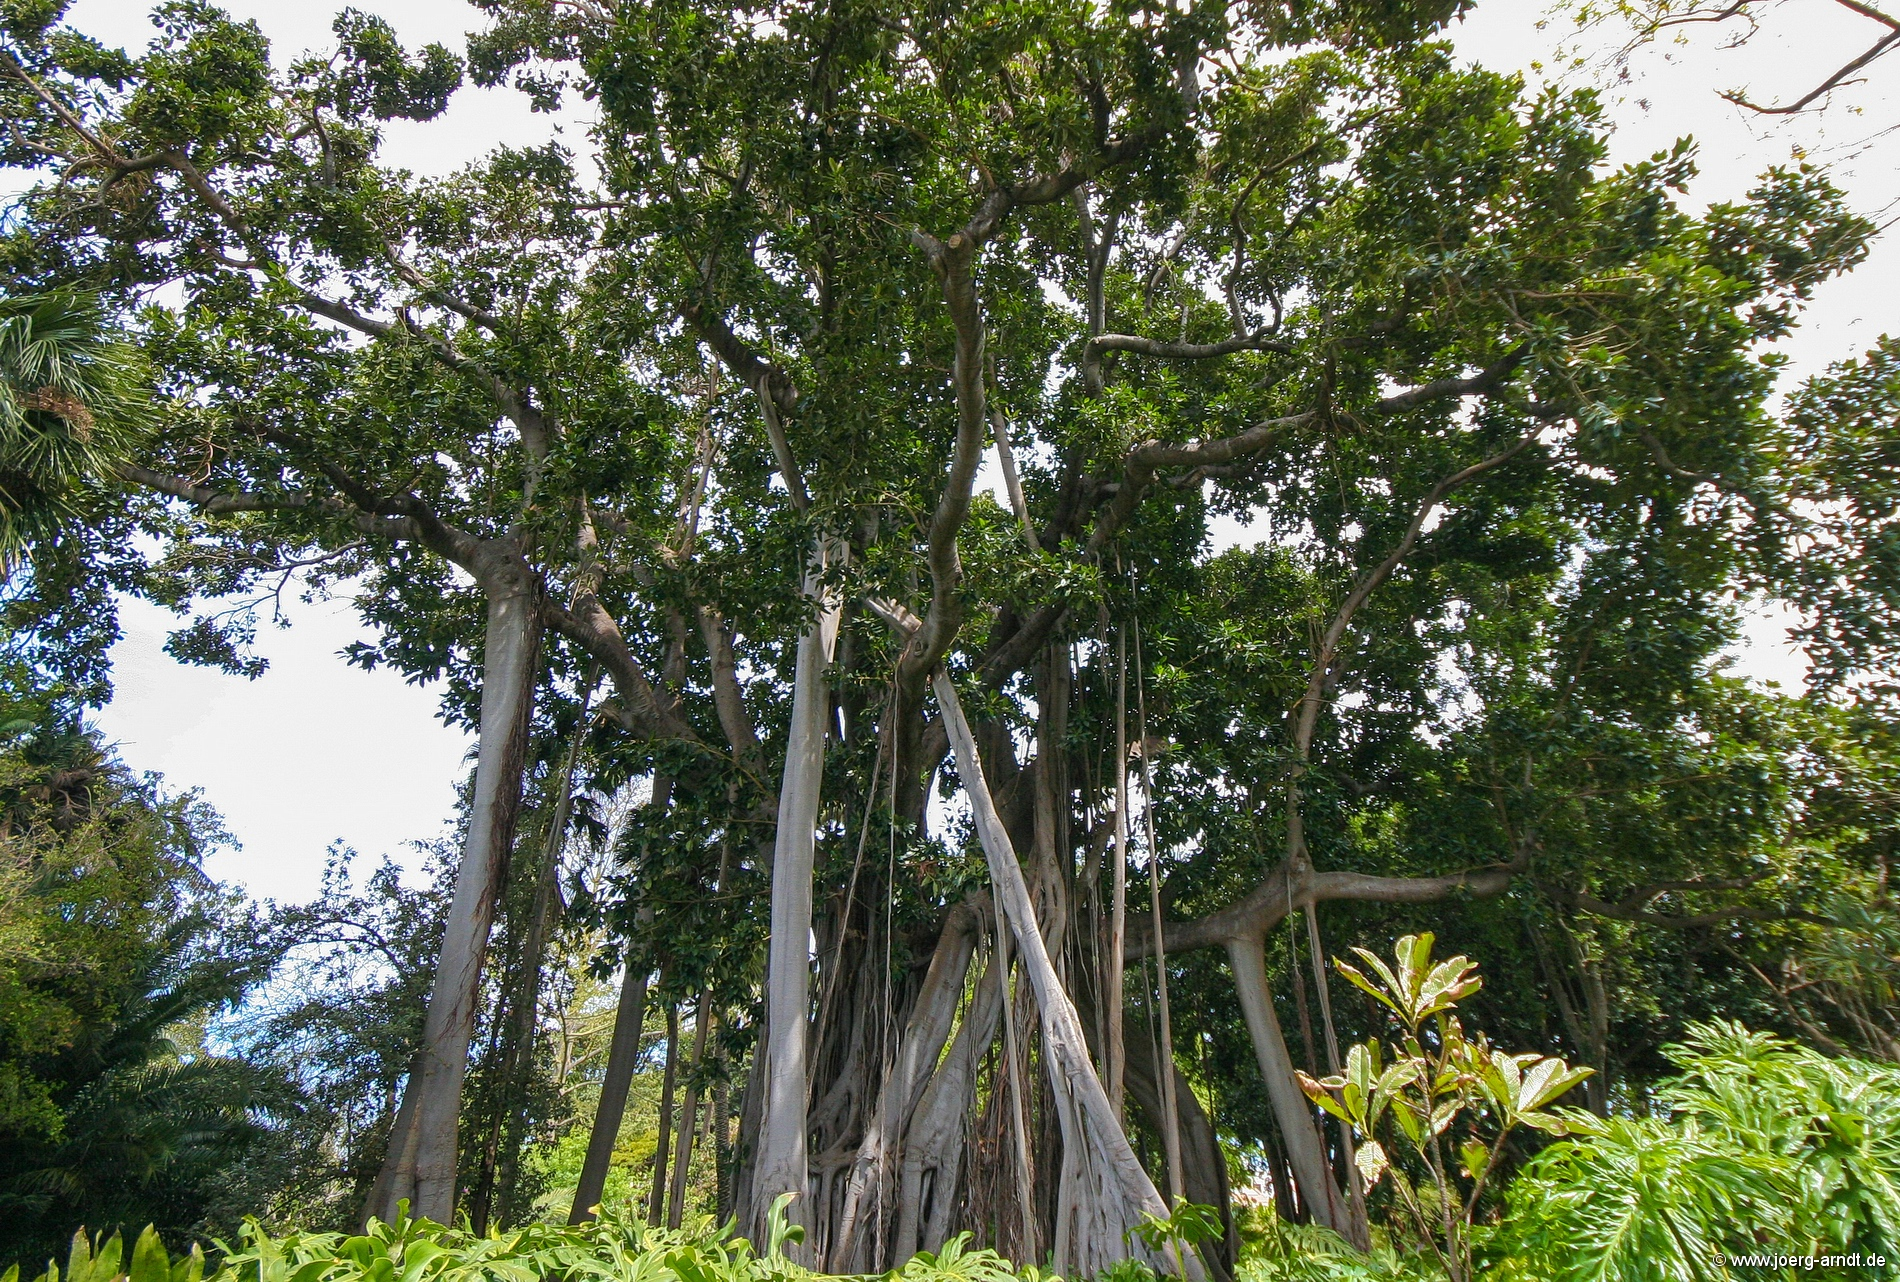 Jardin botanico in puerto de la cruz puerto de la cruz for Sanse 2016 jardin botanico